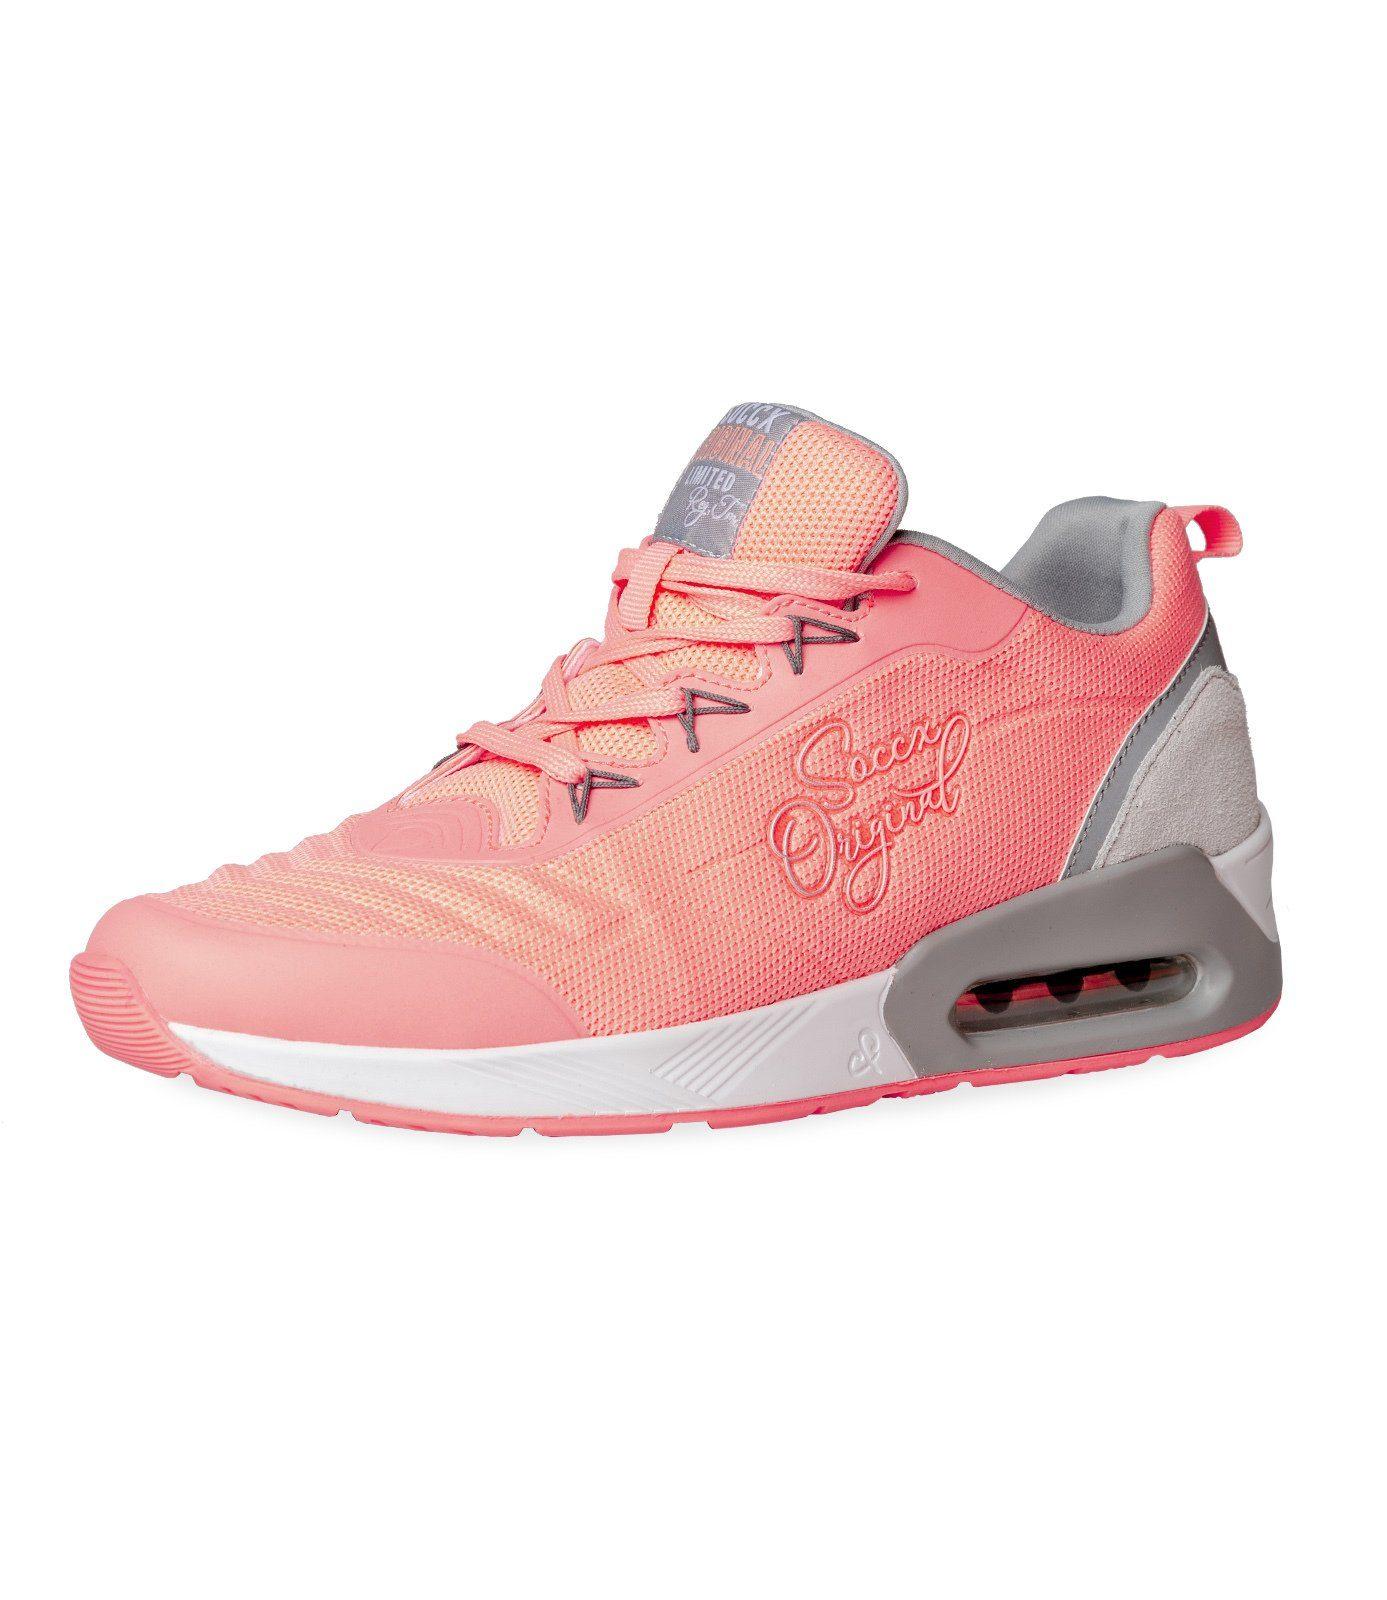 SOCCX Sneaker mit gepolstertem Einstieg, Wedge Sneaker online kaufen   OTTO